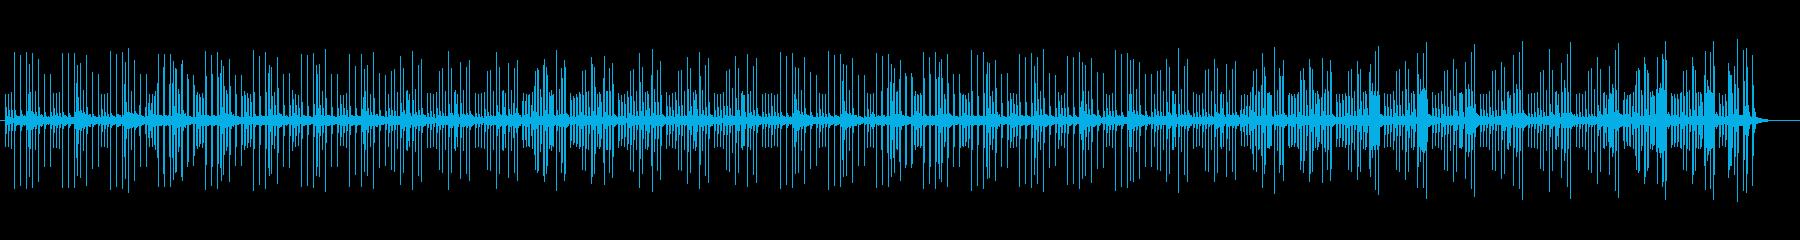 穏やかで可愛いリラクゼーションサウンドの再生済みの波形